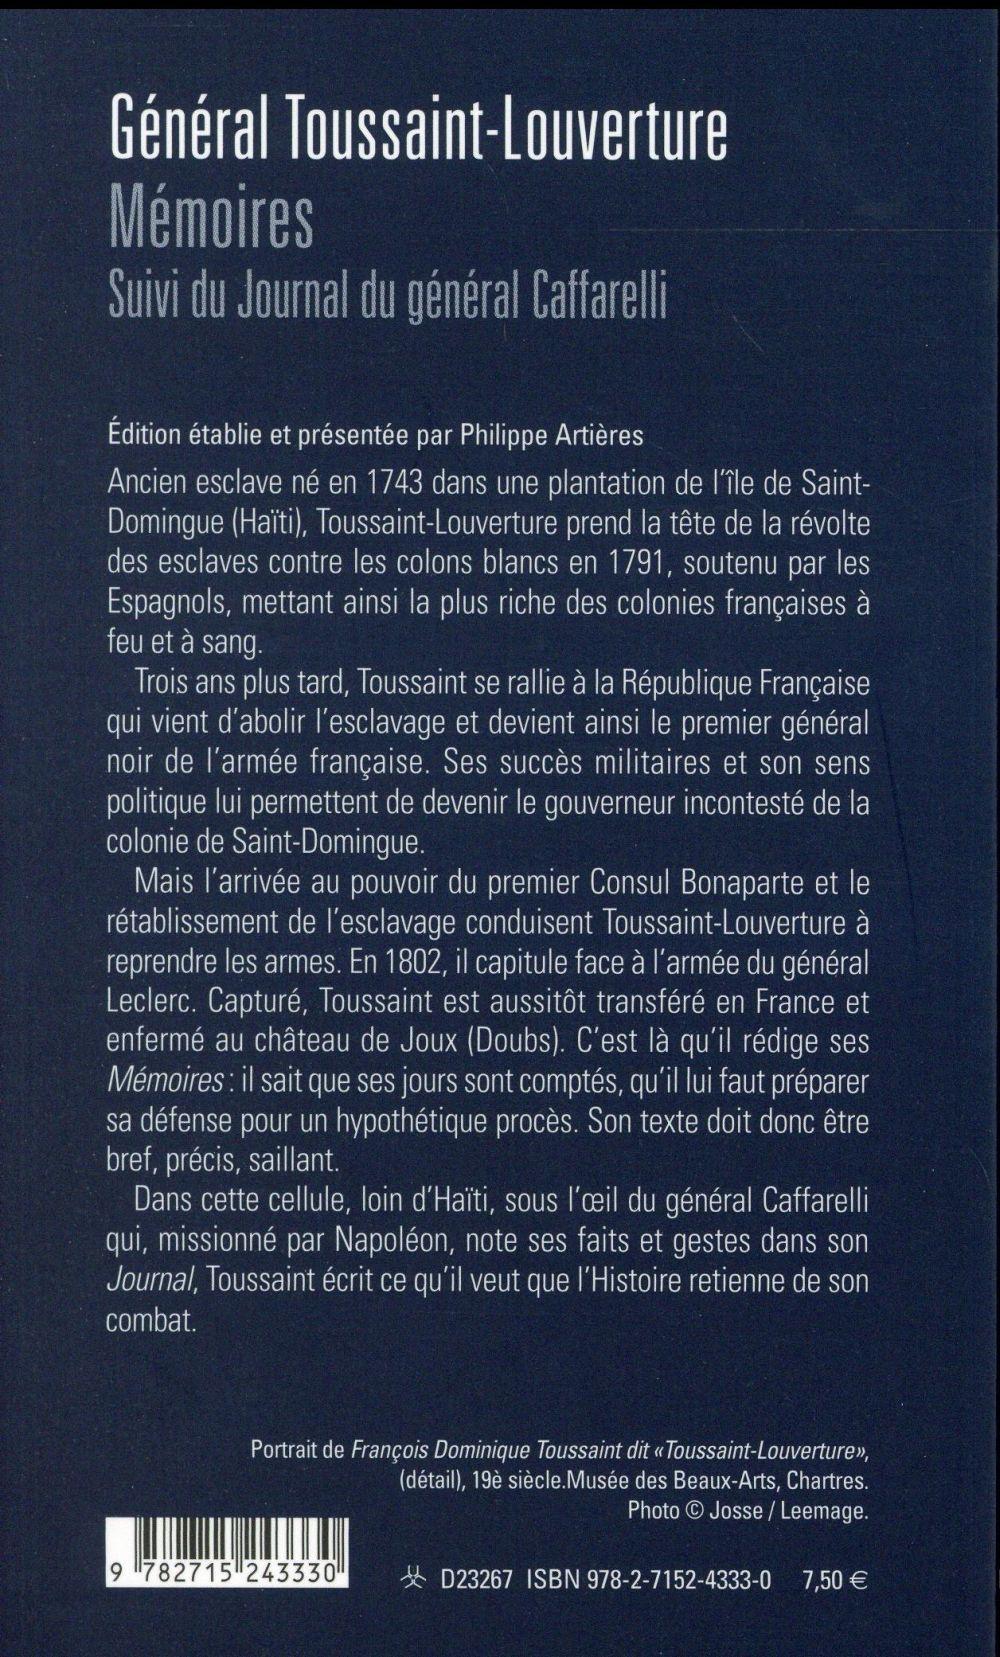 Toussaint-Louverture, mémoires ; journal du général Caffarelli